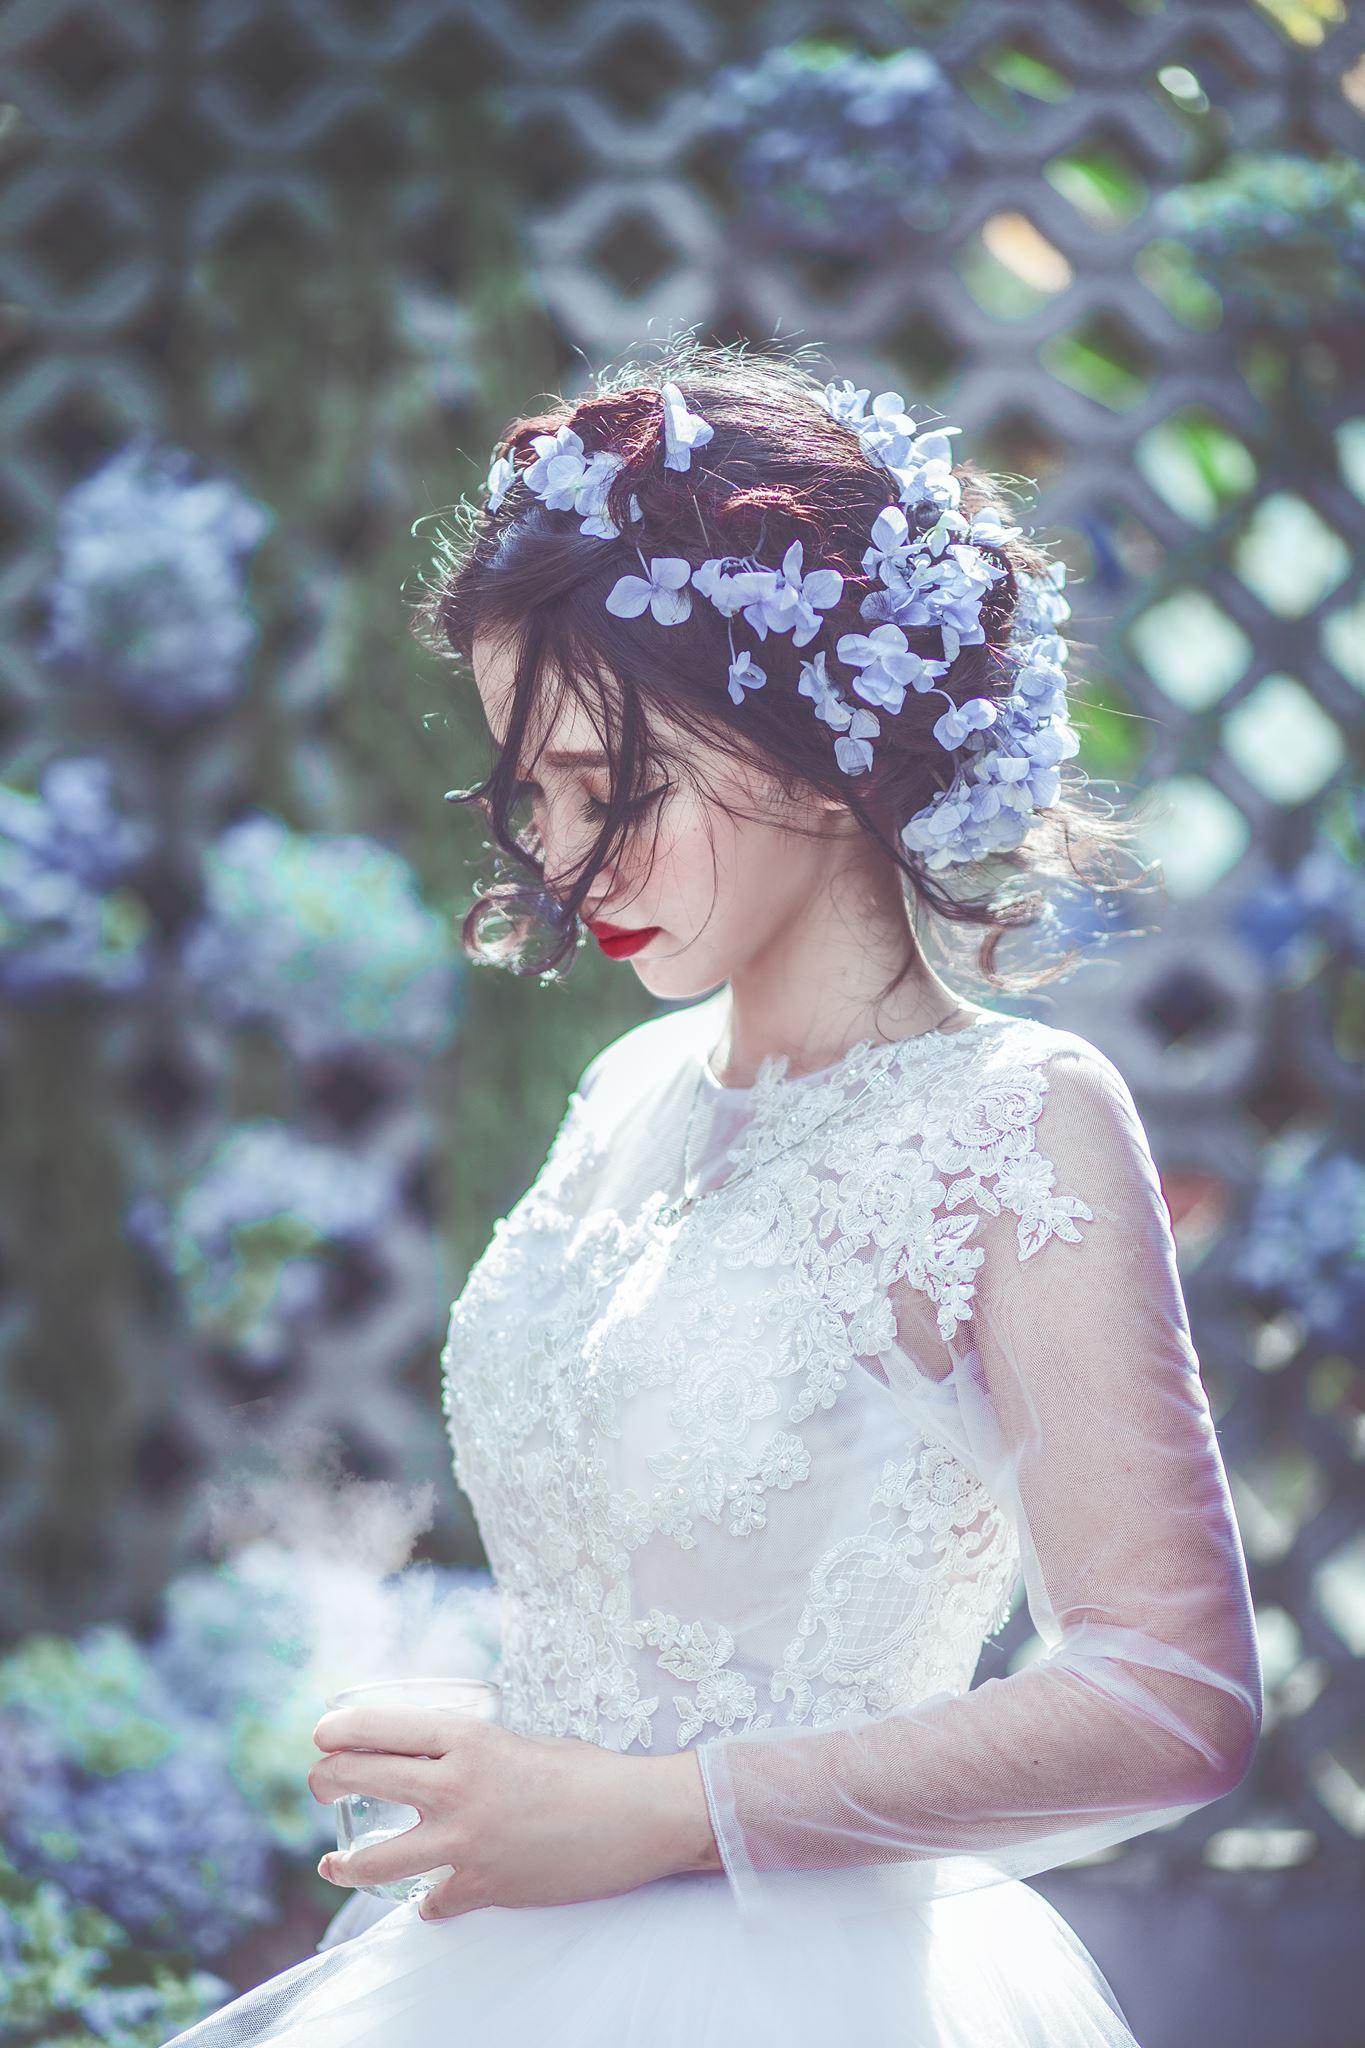 Bài chia sẻ – Cách tiết kiệm hợp lý – tinh tế trong ngày cưới